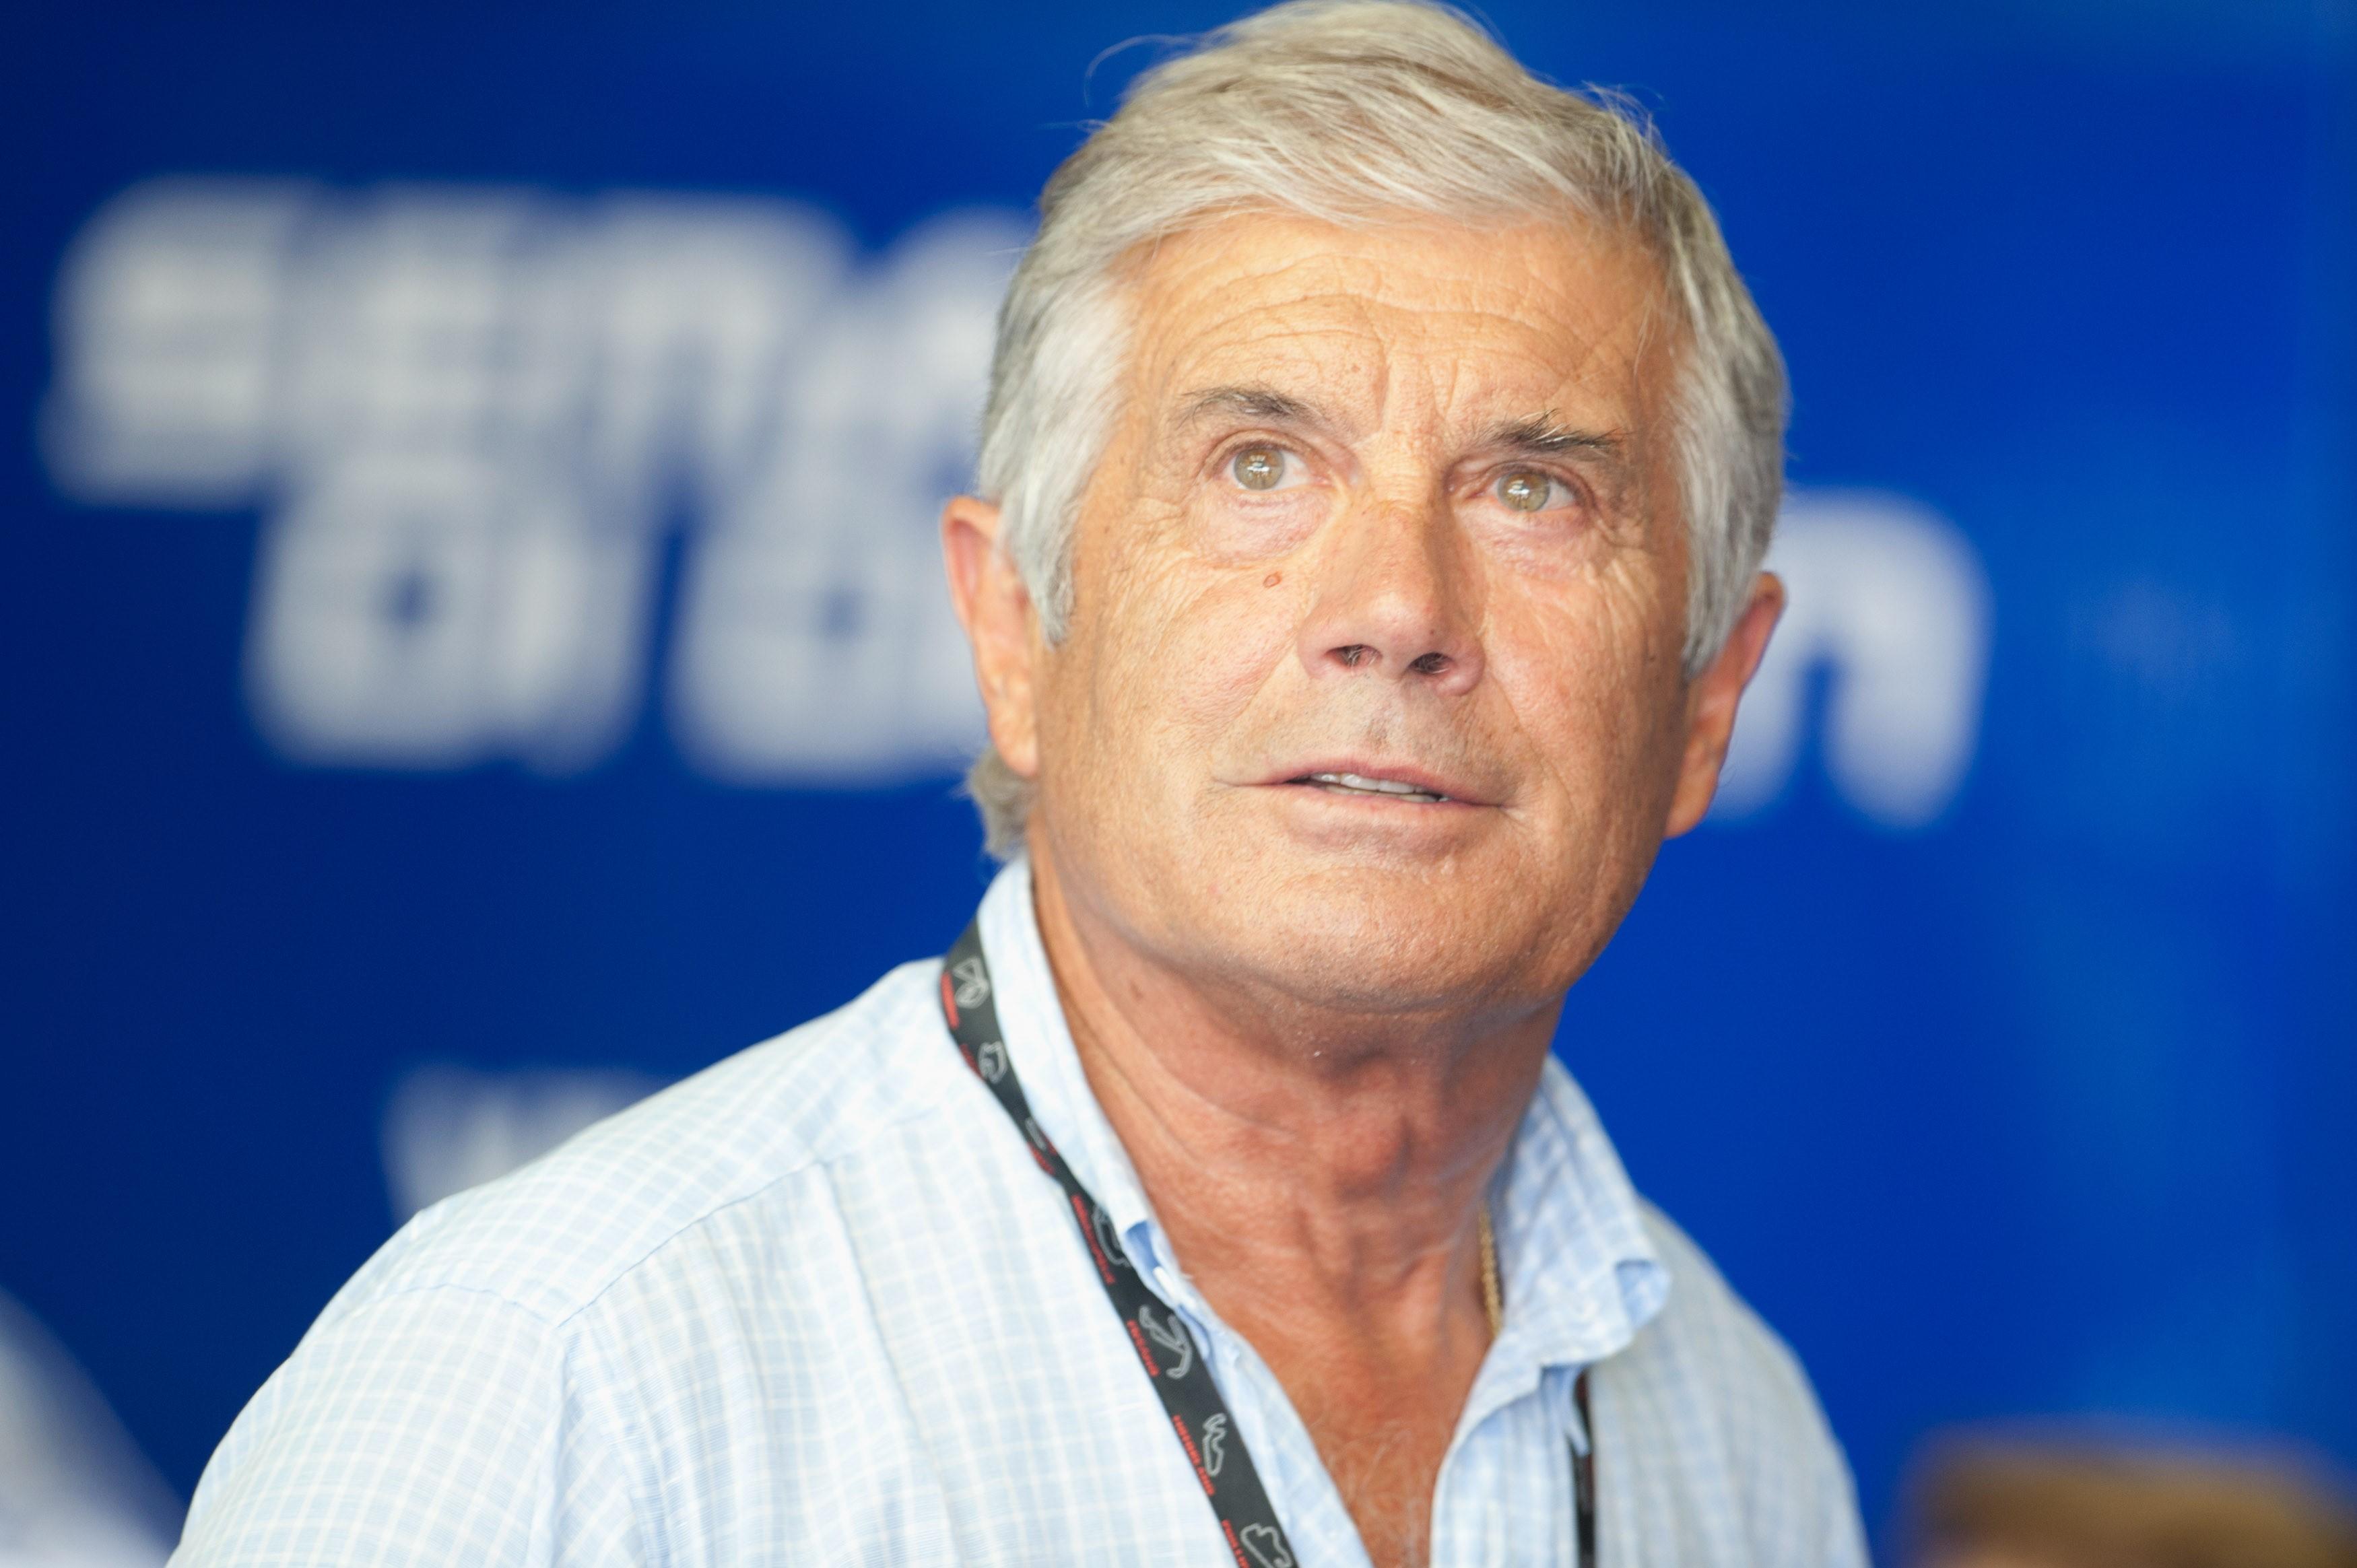 Giacomo Agostini au Grand Prix de Saint-Marin 2011